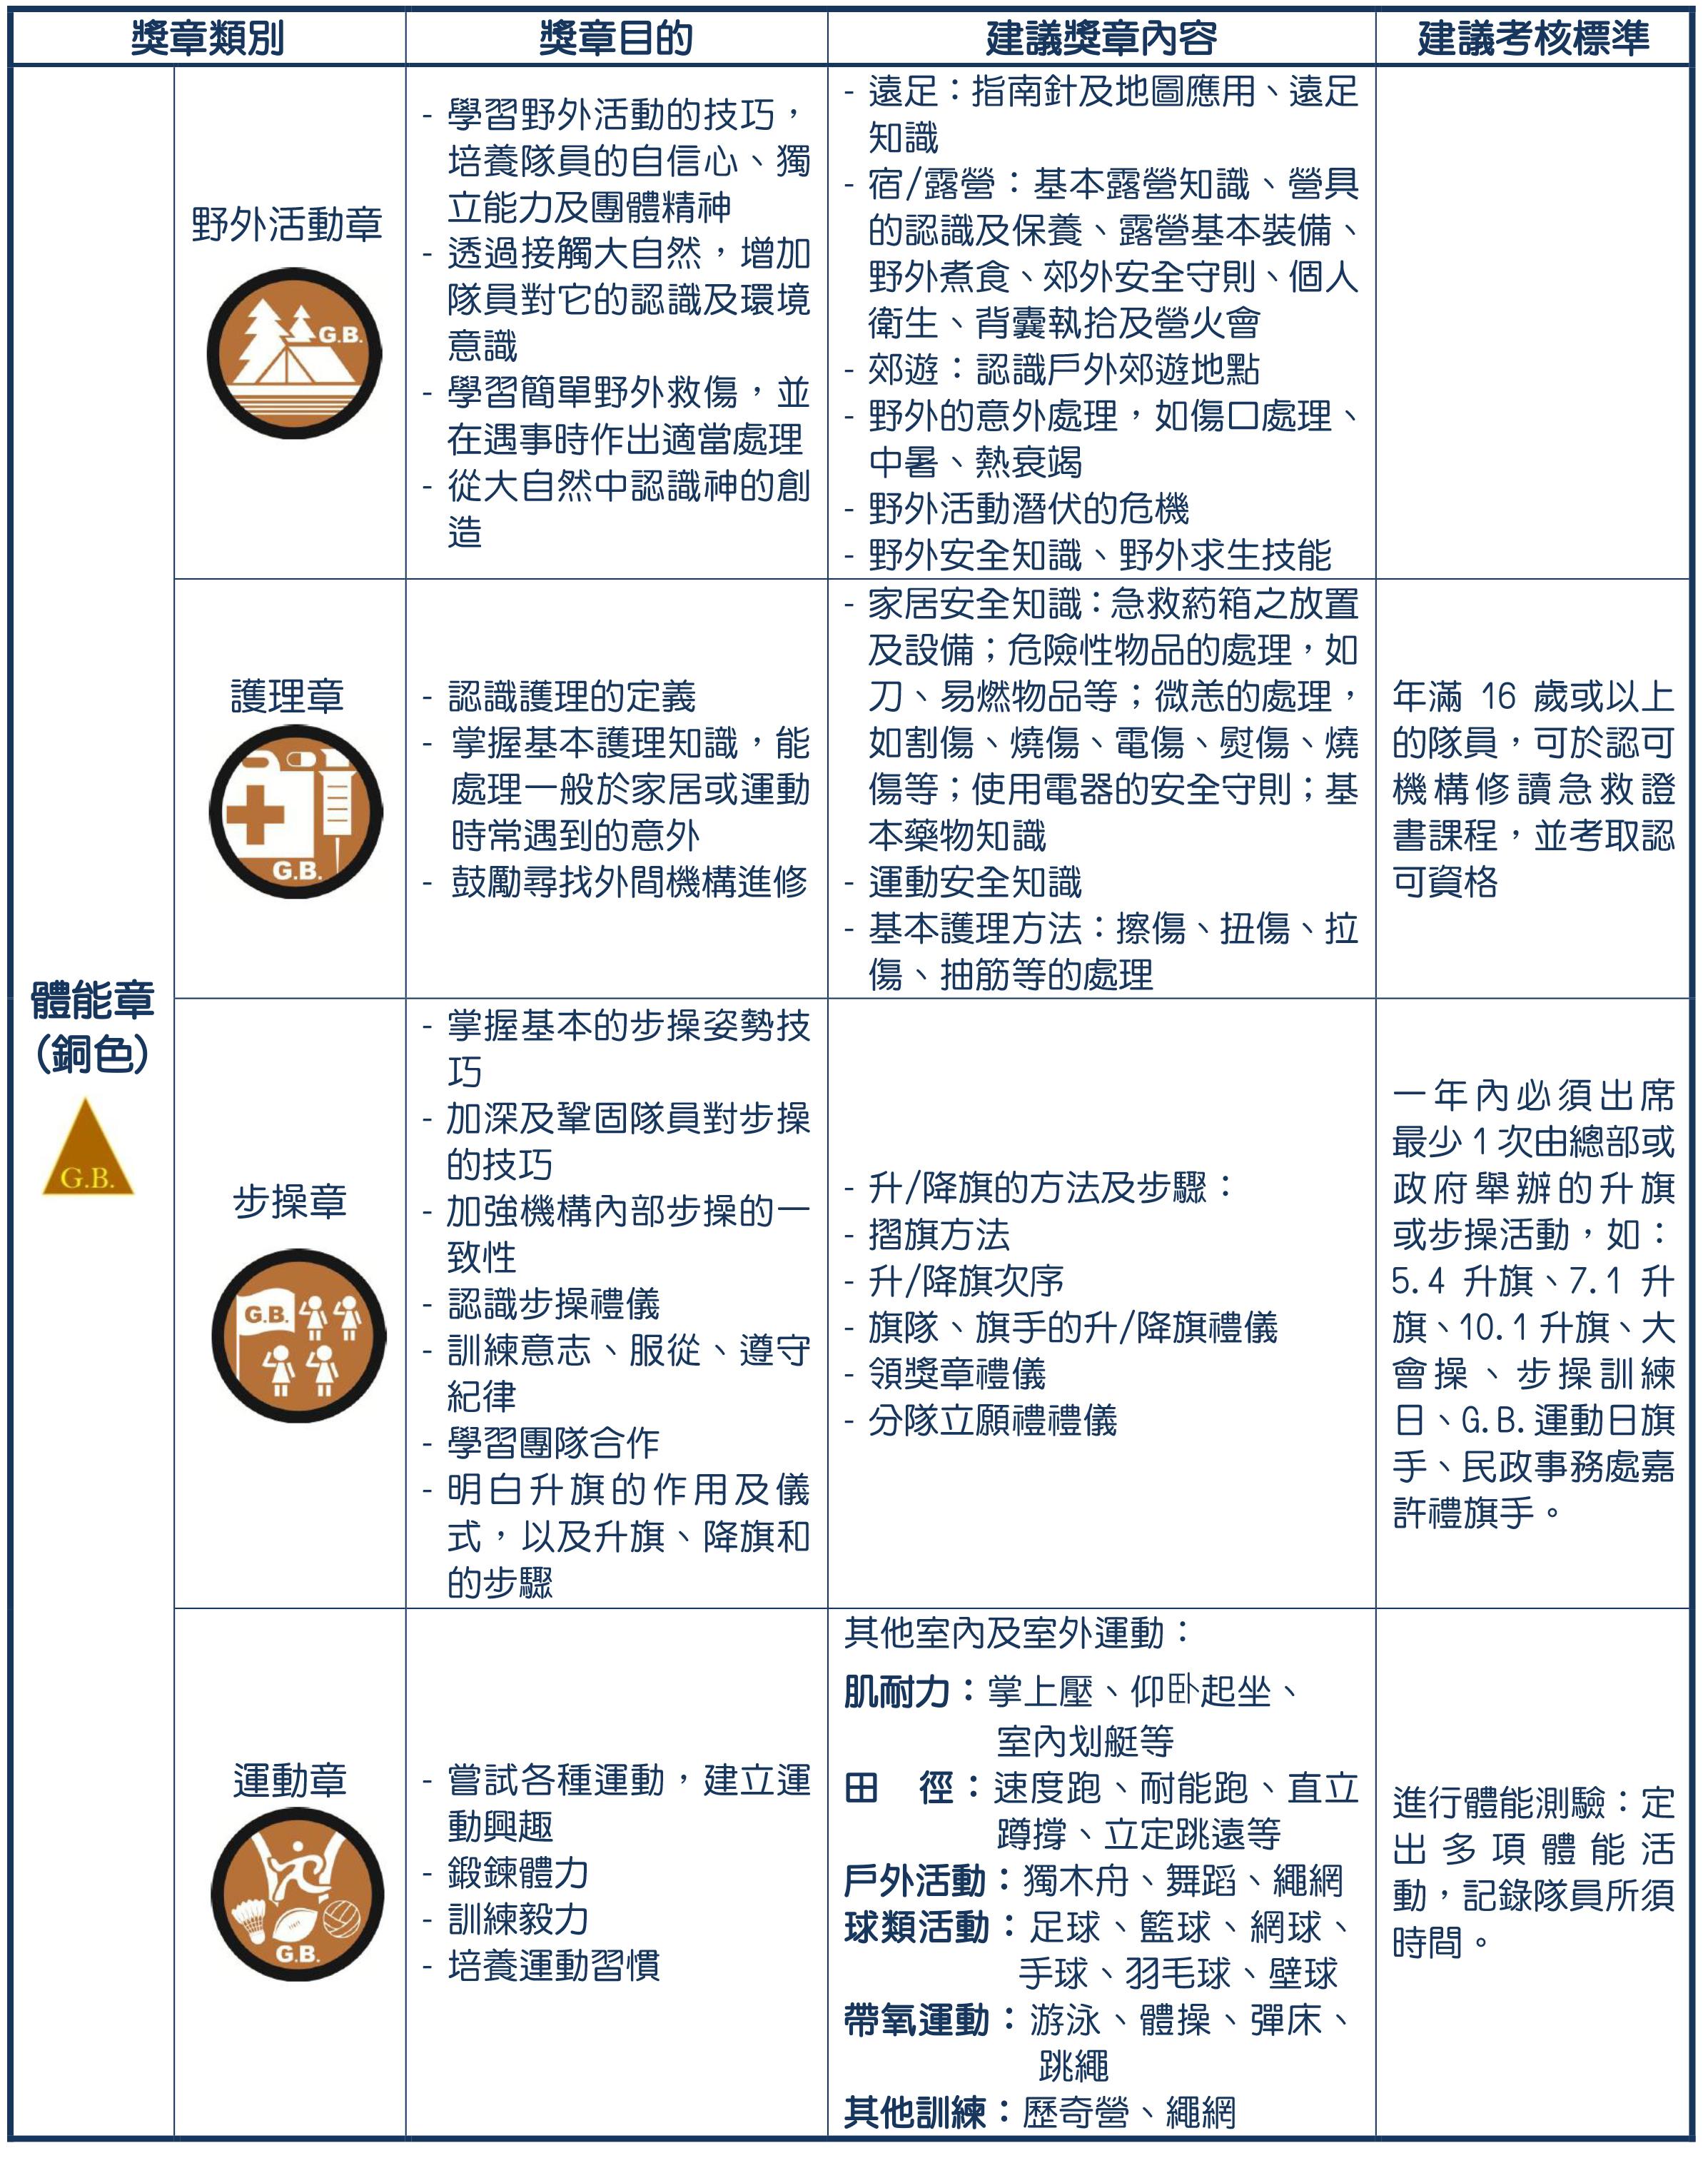 6- 獎章制度-深資組啡(revised 2020829)